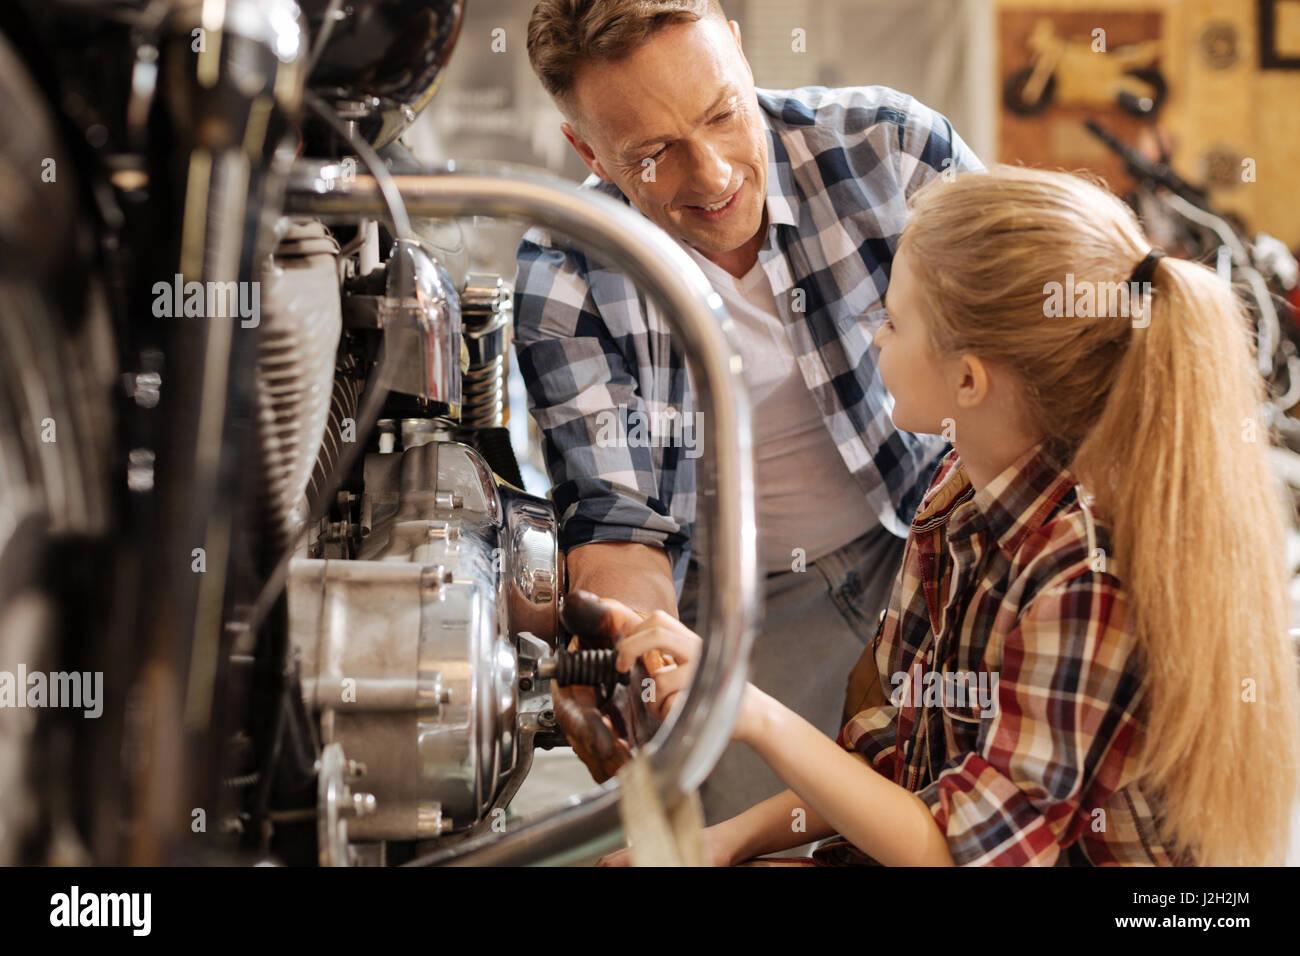 Capaz mecánico diciéndole a su hija acerca de los mecanismos de la bicicleta Imagen De Stock